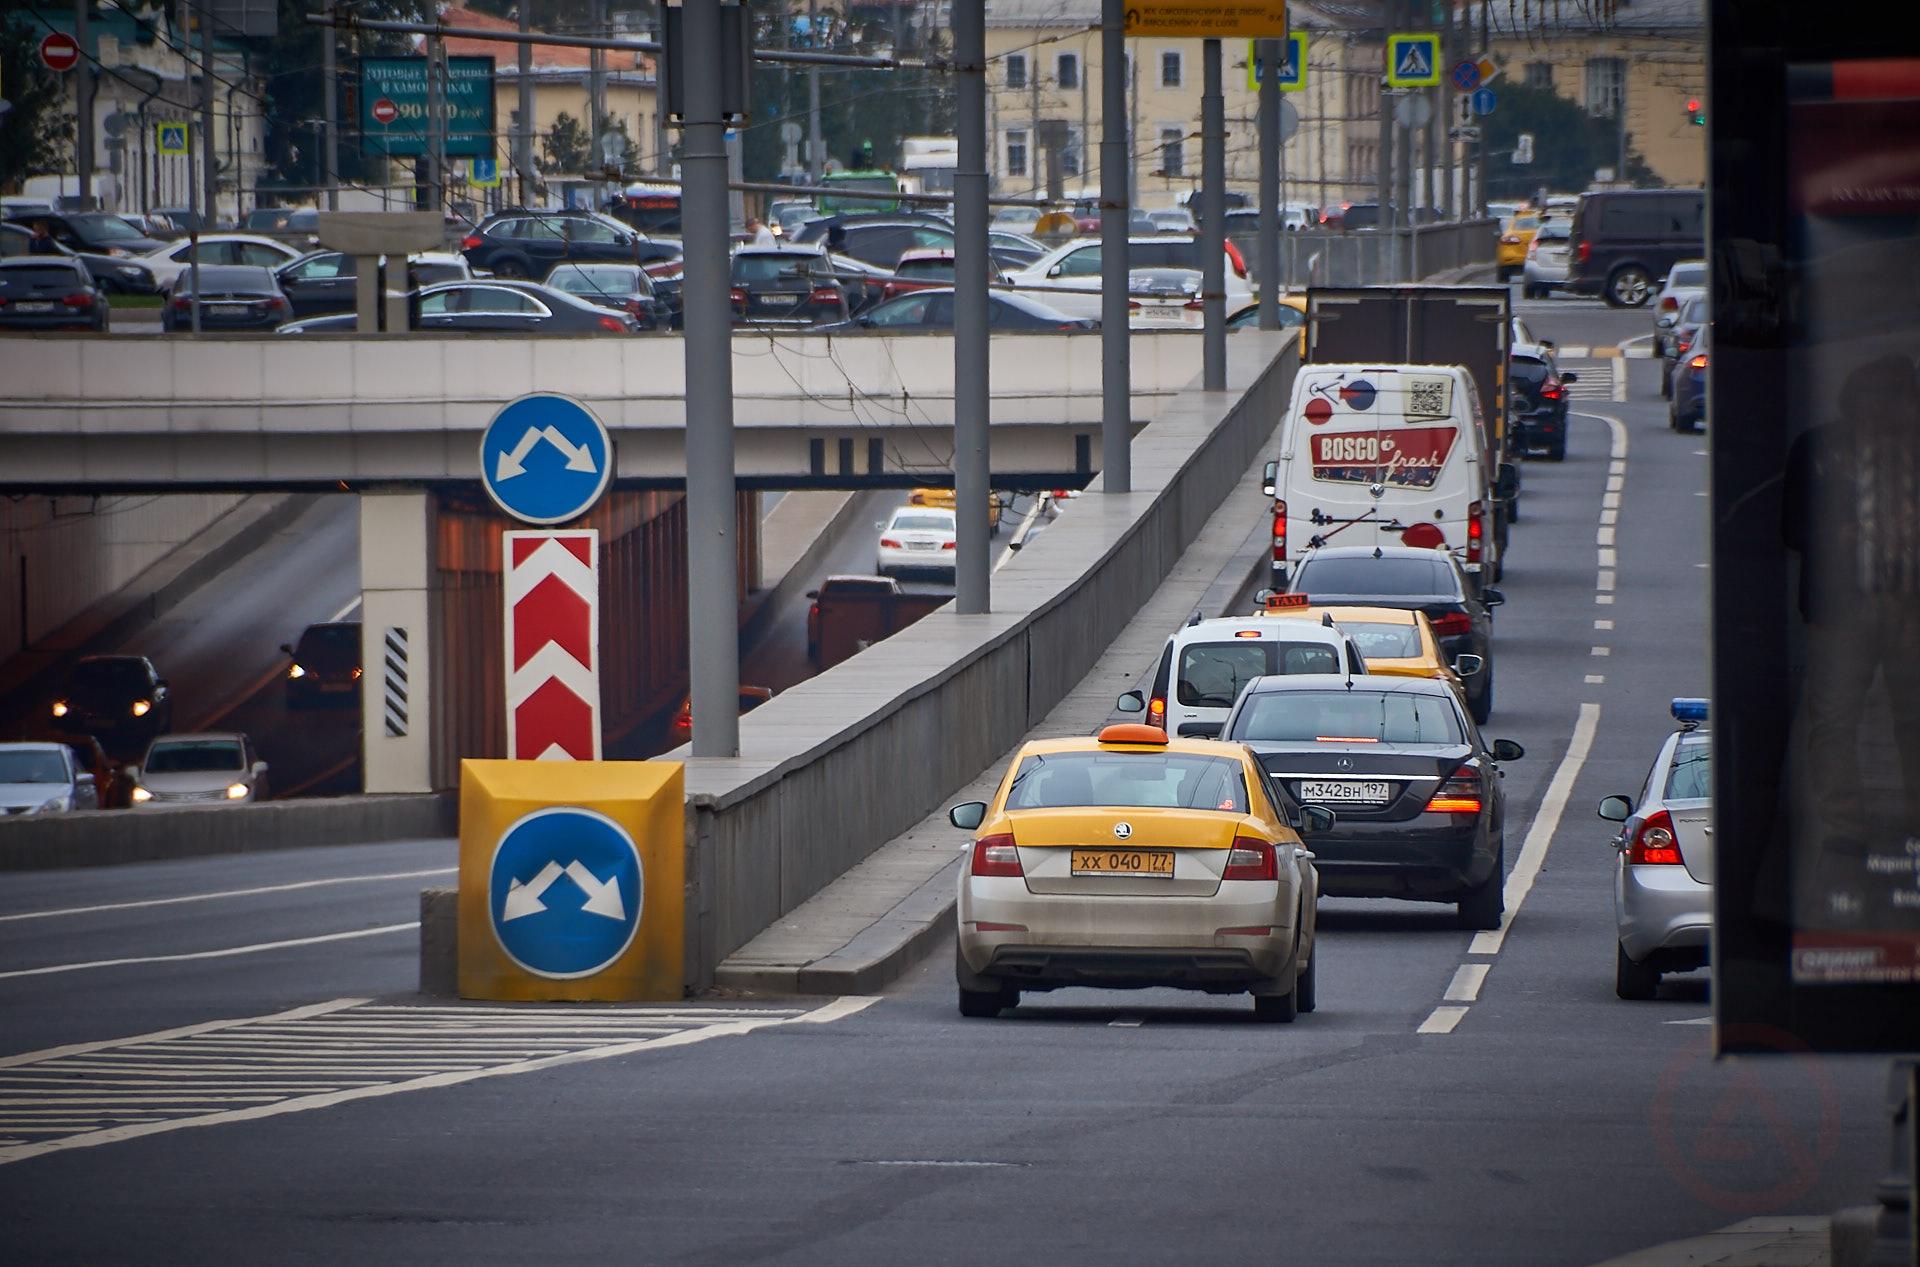 Москва пробки движение транспорт центр садовое кольцо Новый Арбат такси